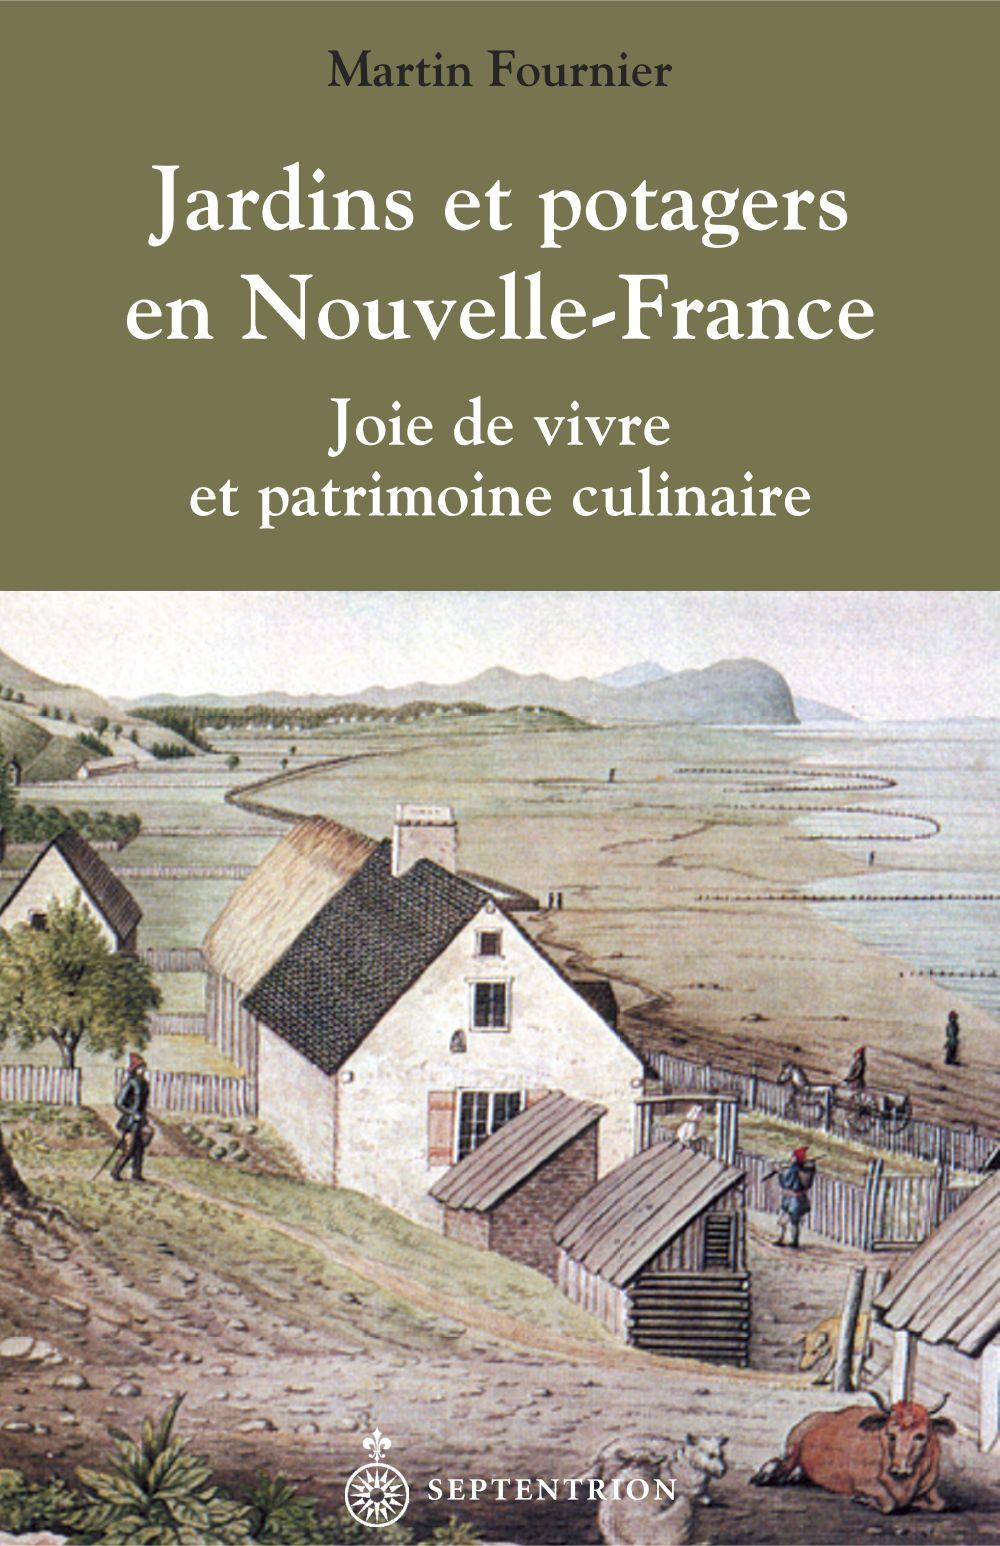 Jardins et potagers en Nouvelle-France